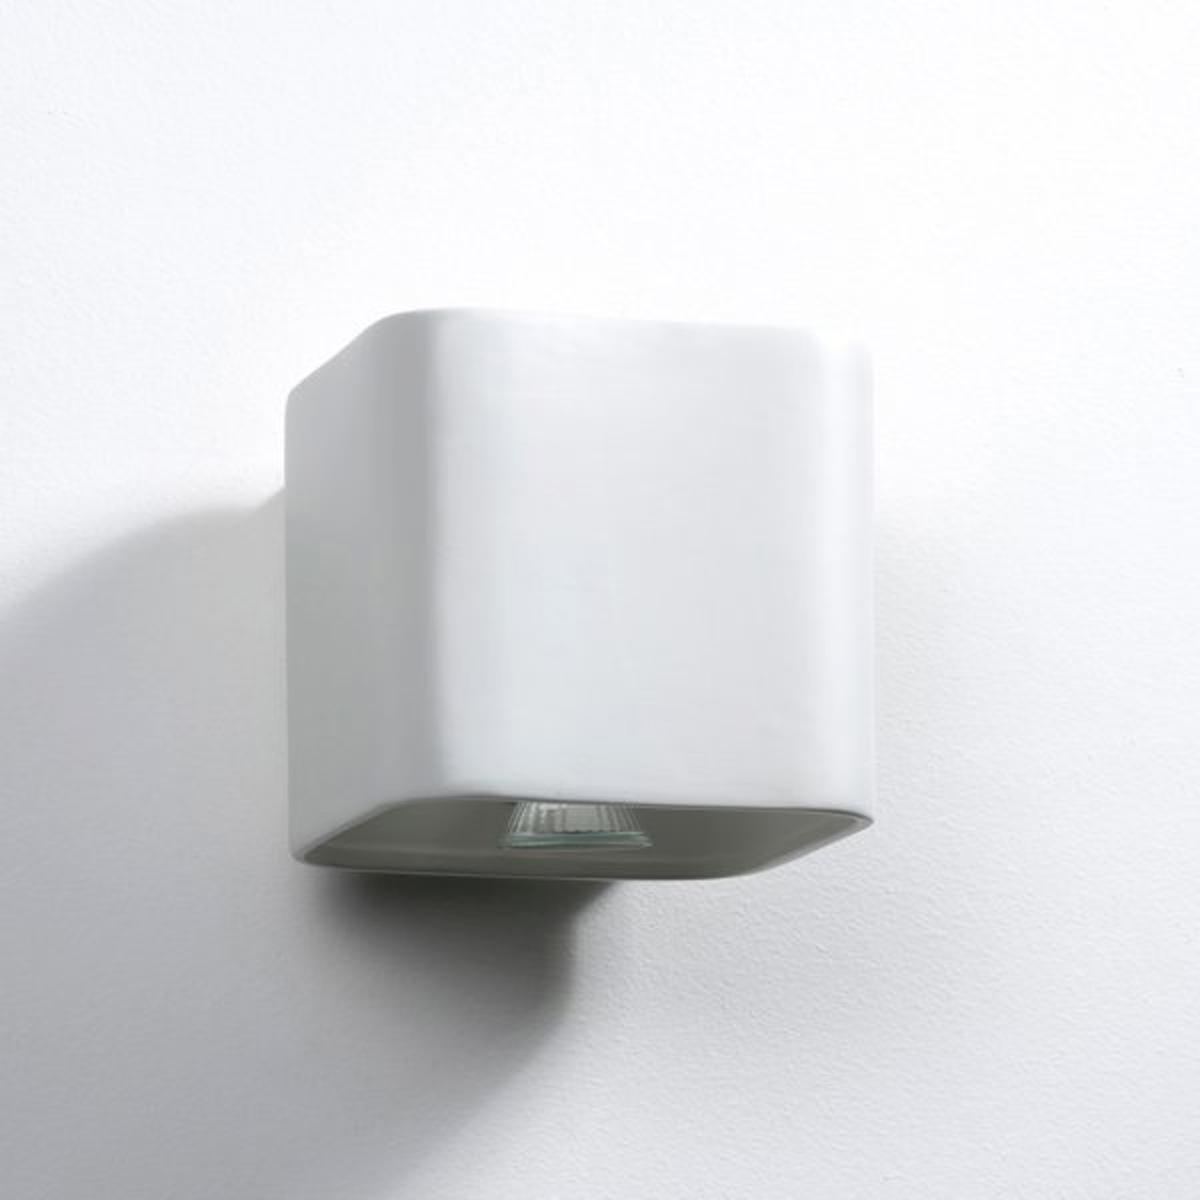 Бра квадратной формы из керамики Debou2 цоколя GU10 для лампочек макс. 35 W  (не входят в комплект).Размеры :  Д. 22 x Гл.22 x.22 см.<br><br>Цвет: белый<br>Размер: единый размер